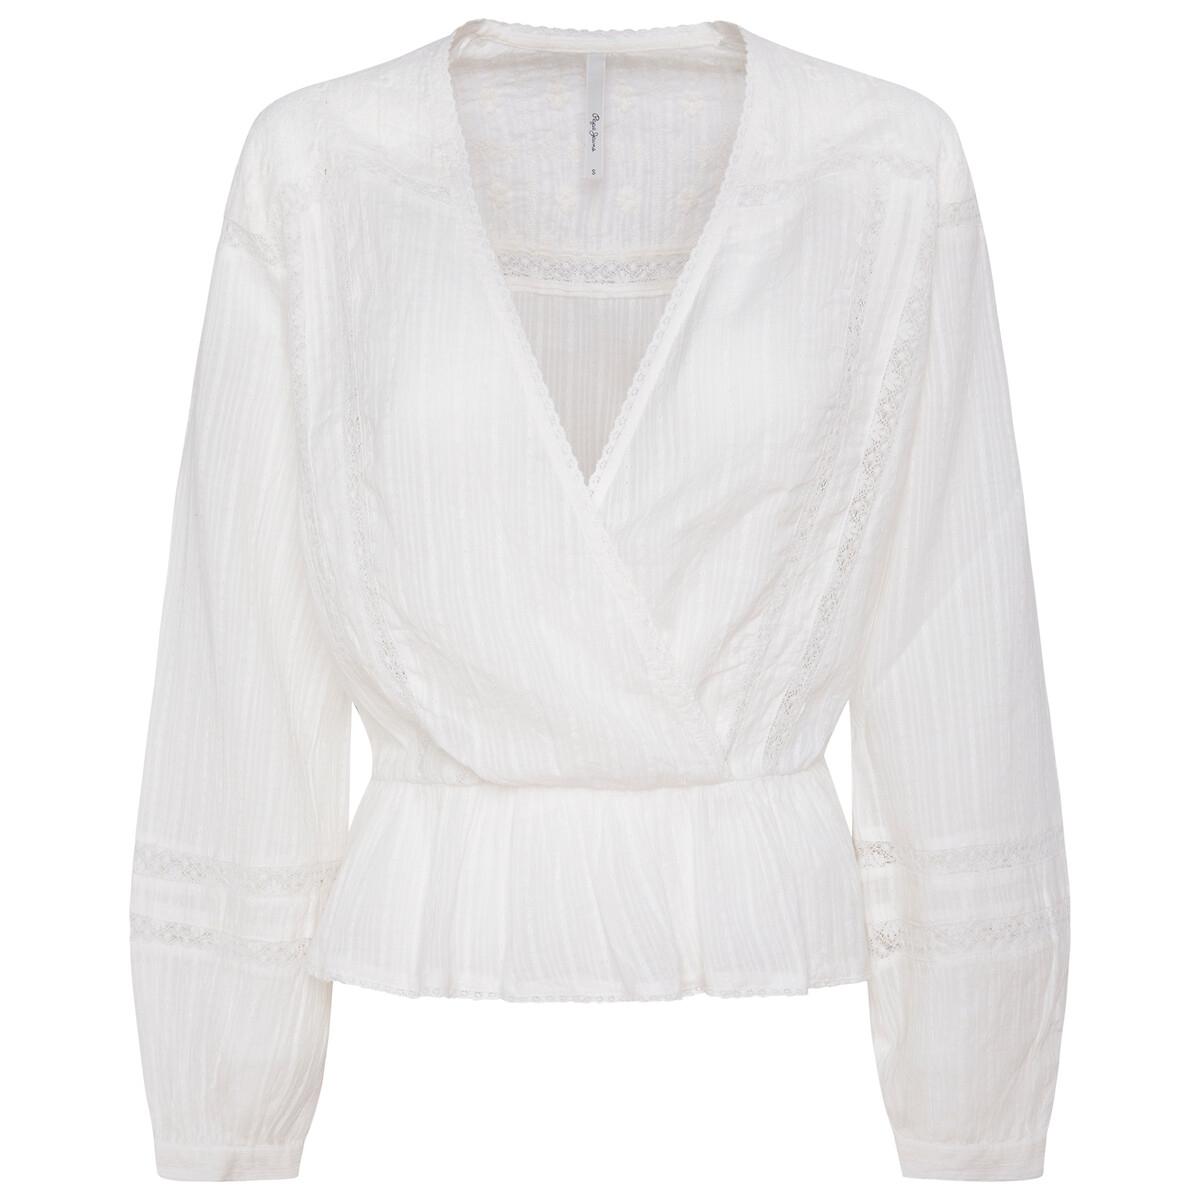 Blusa traçada, detalhes bordados